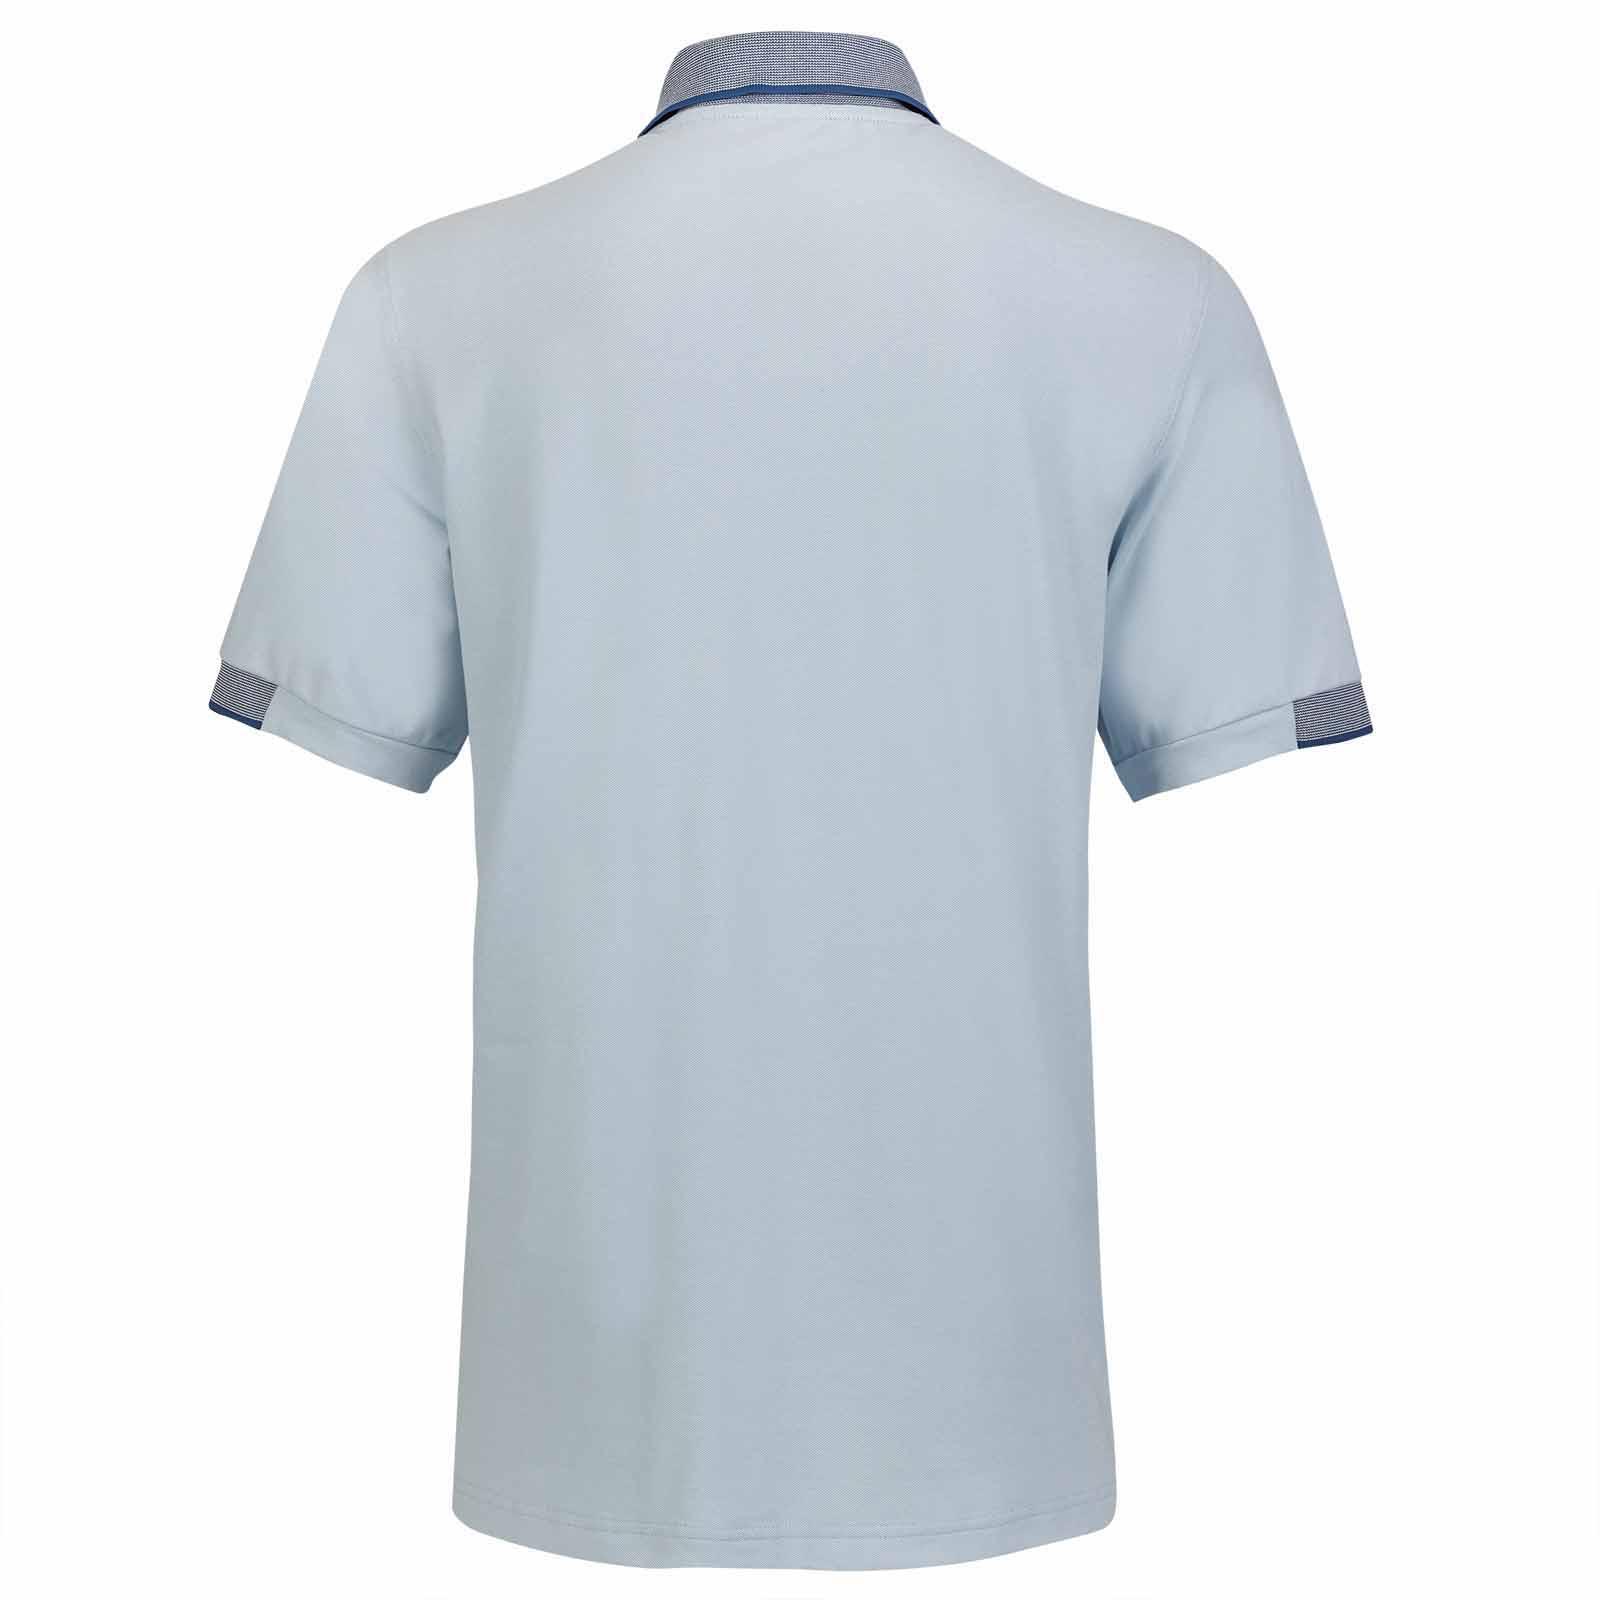 Herren Golfpolo mit Sonnenschutz und hoher Atmungsaktivität in Regular Fit